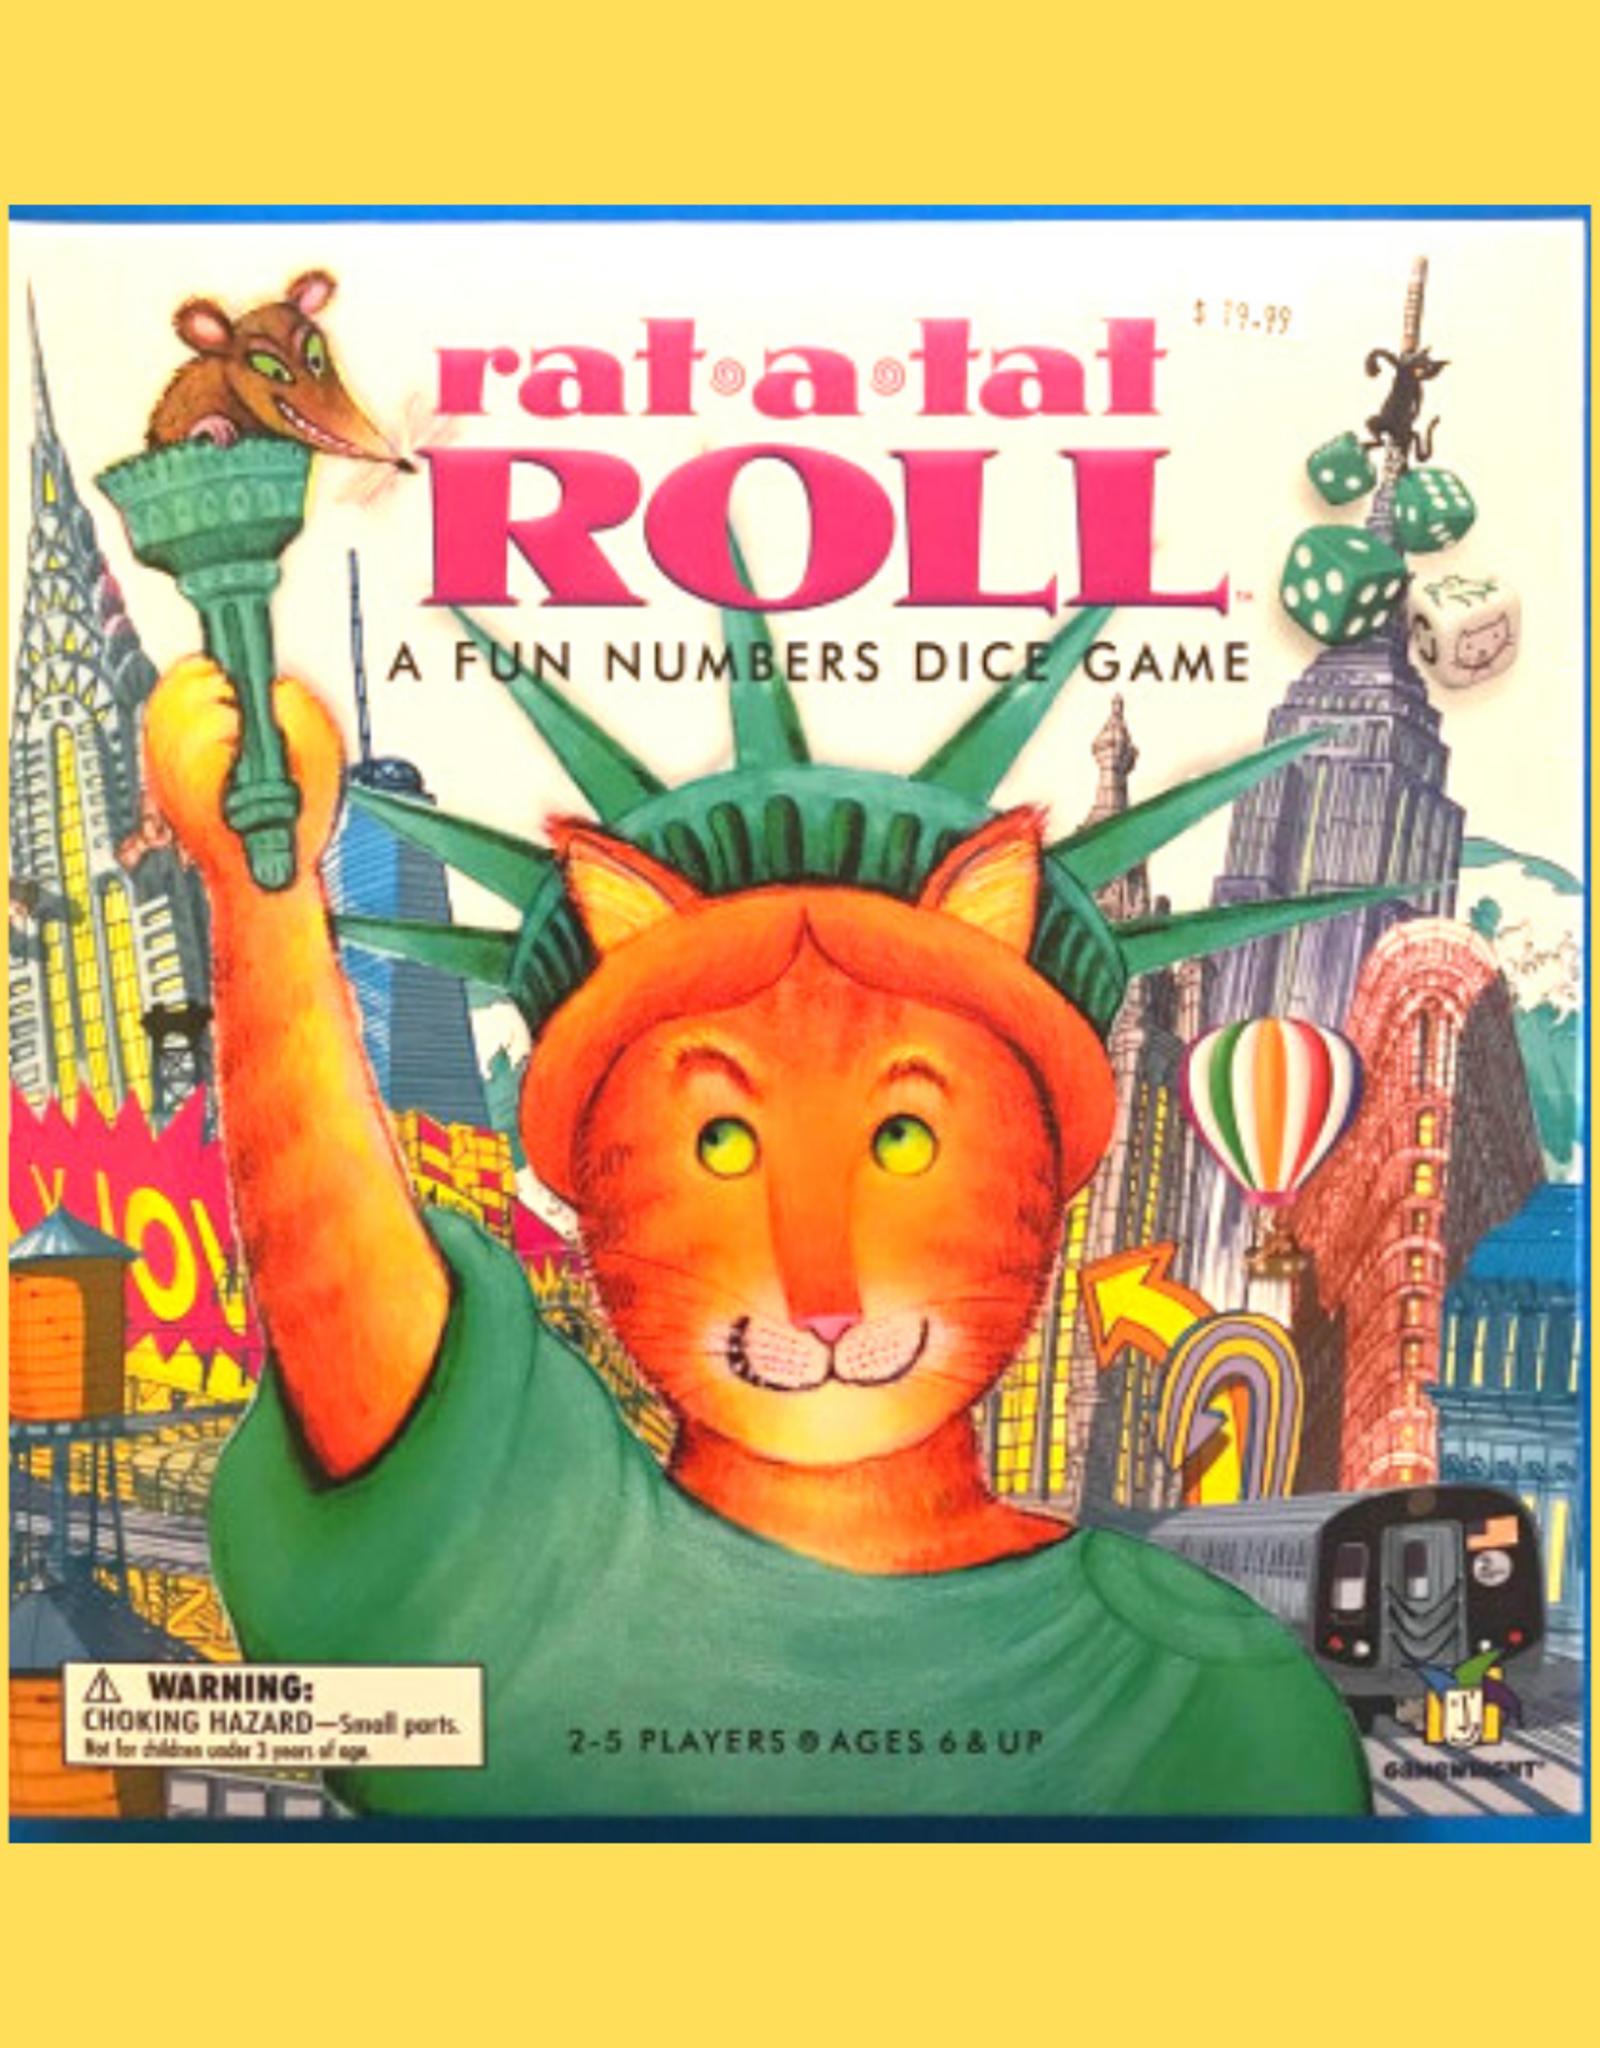 ROLL RAT-A-TAT ROLL